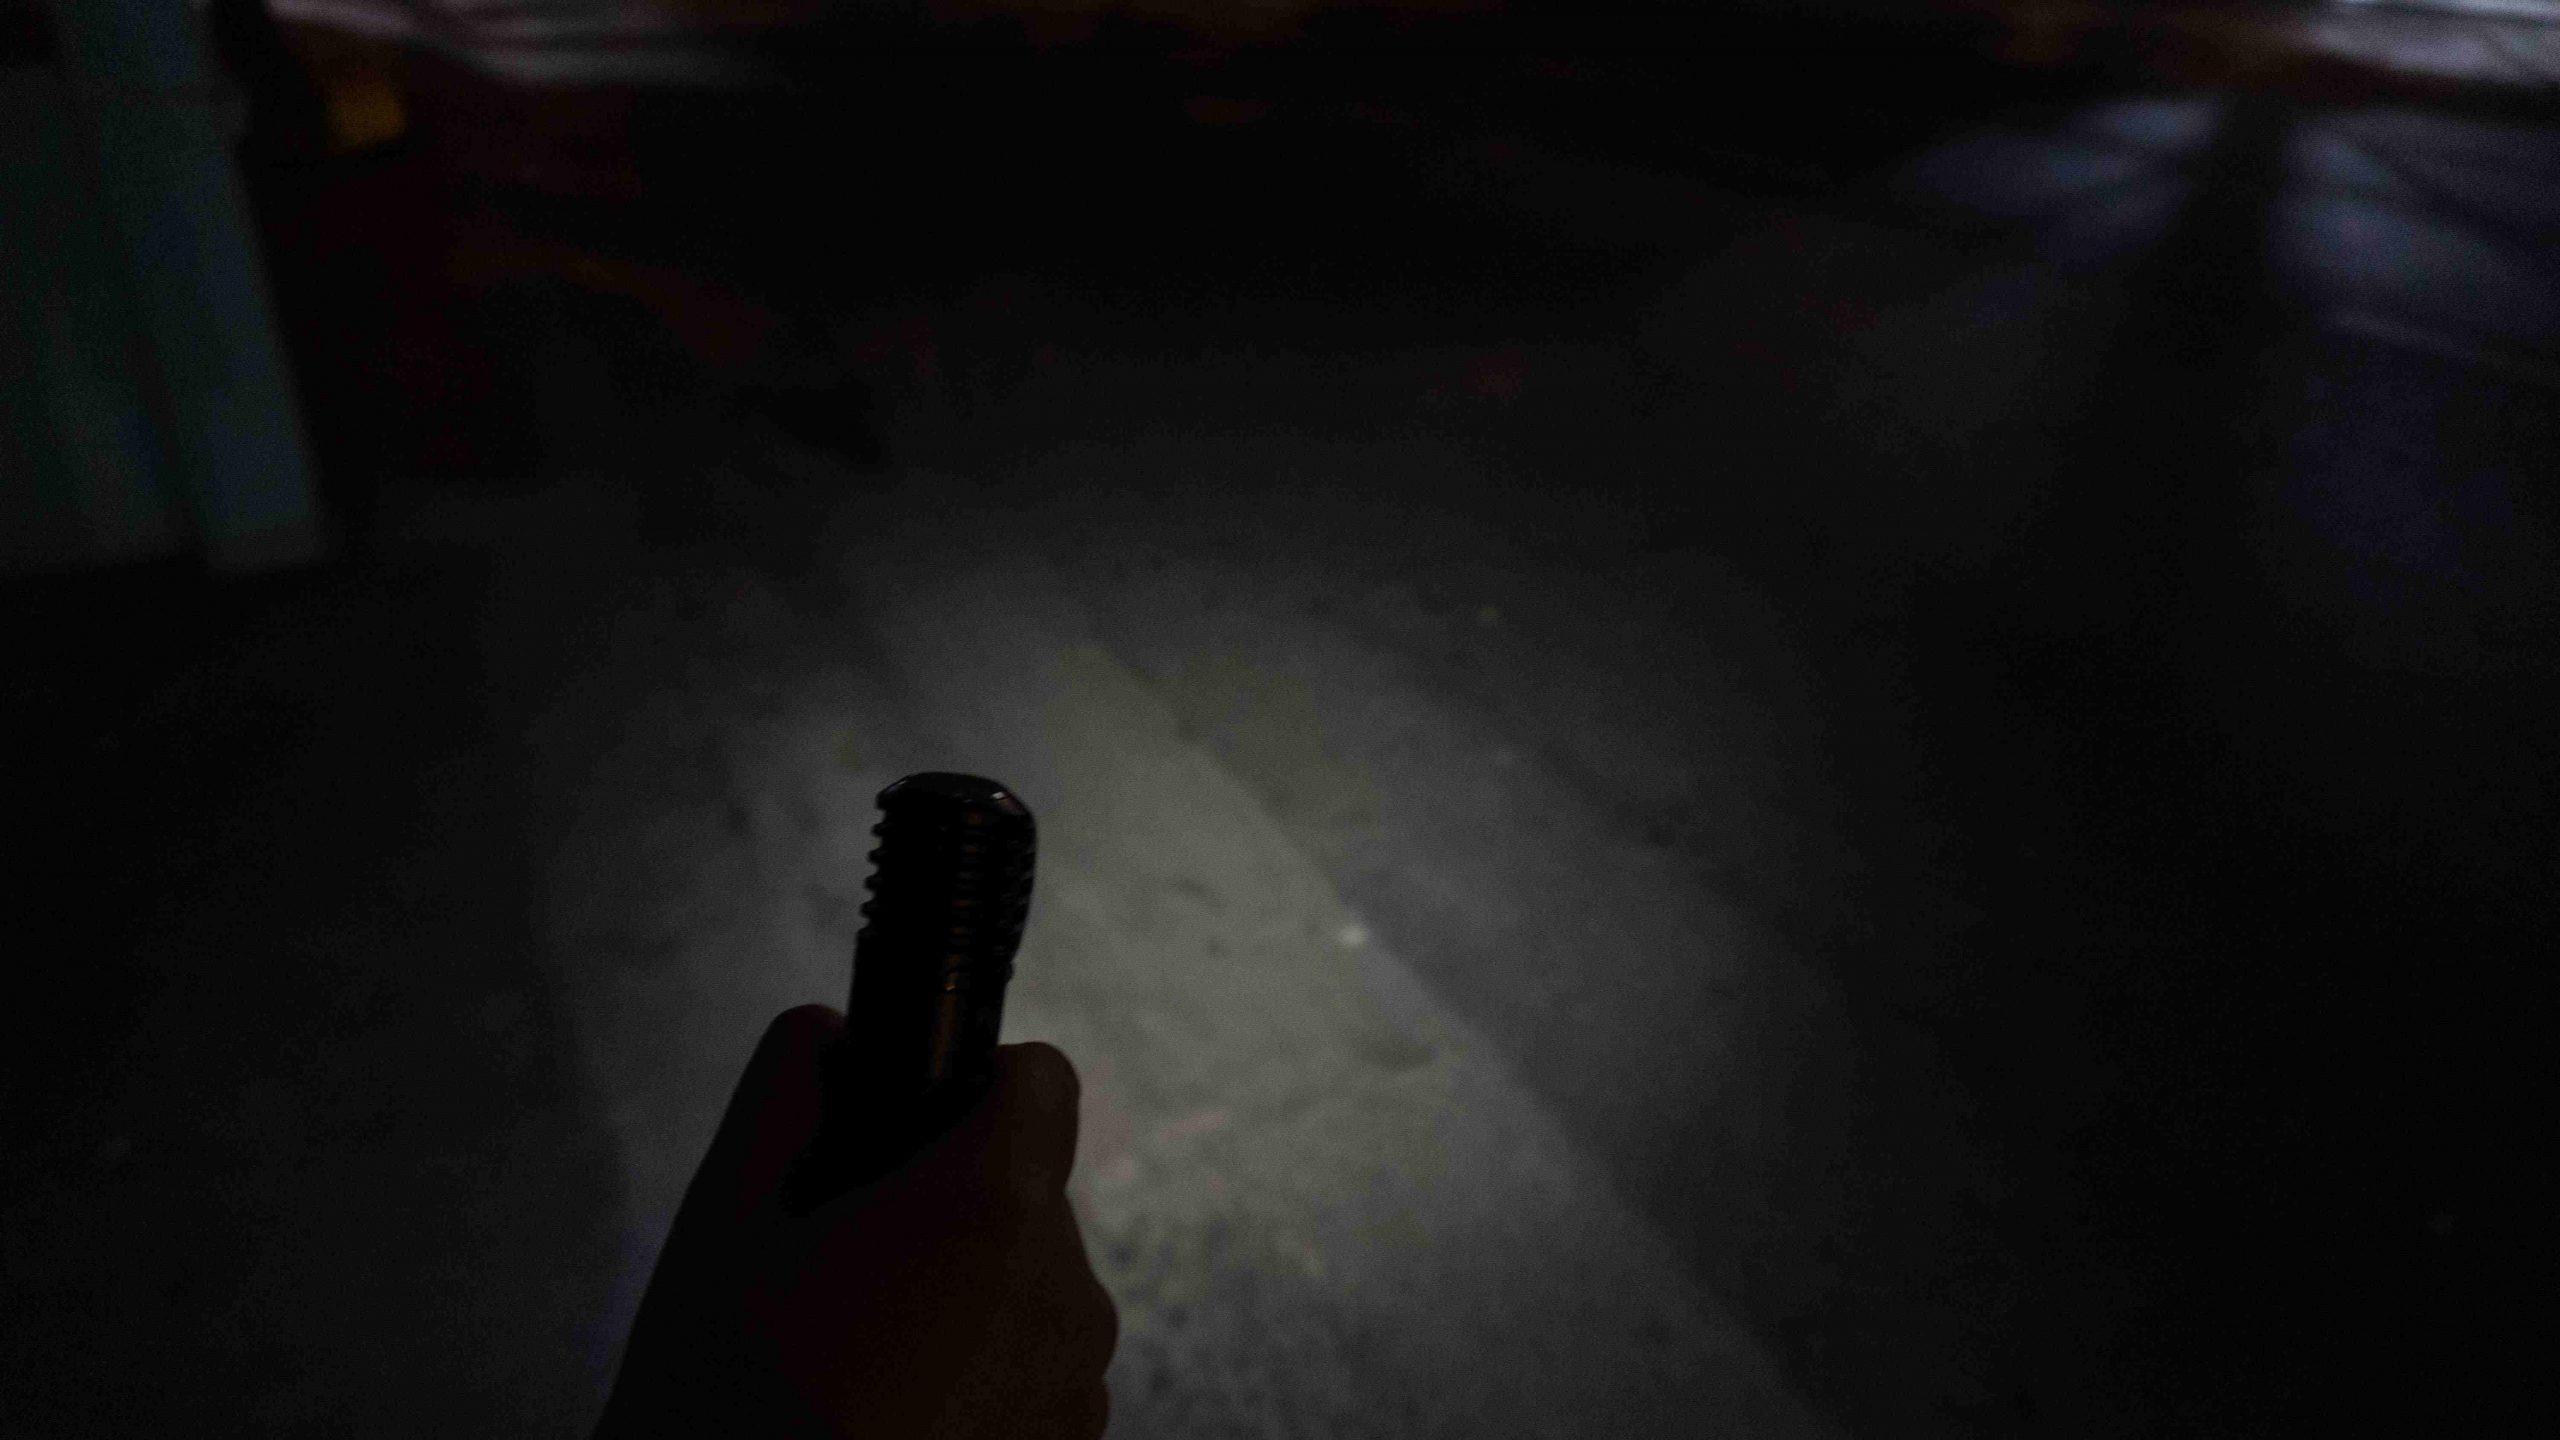 30 lumens ngoài trời (thời lượng 66 tiếng). Thích hợp để chiếu sáng vật thể ngay trước mặt khi đi bộ